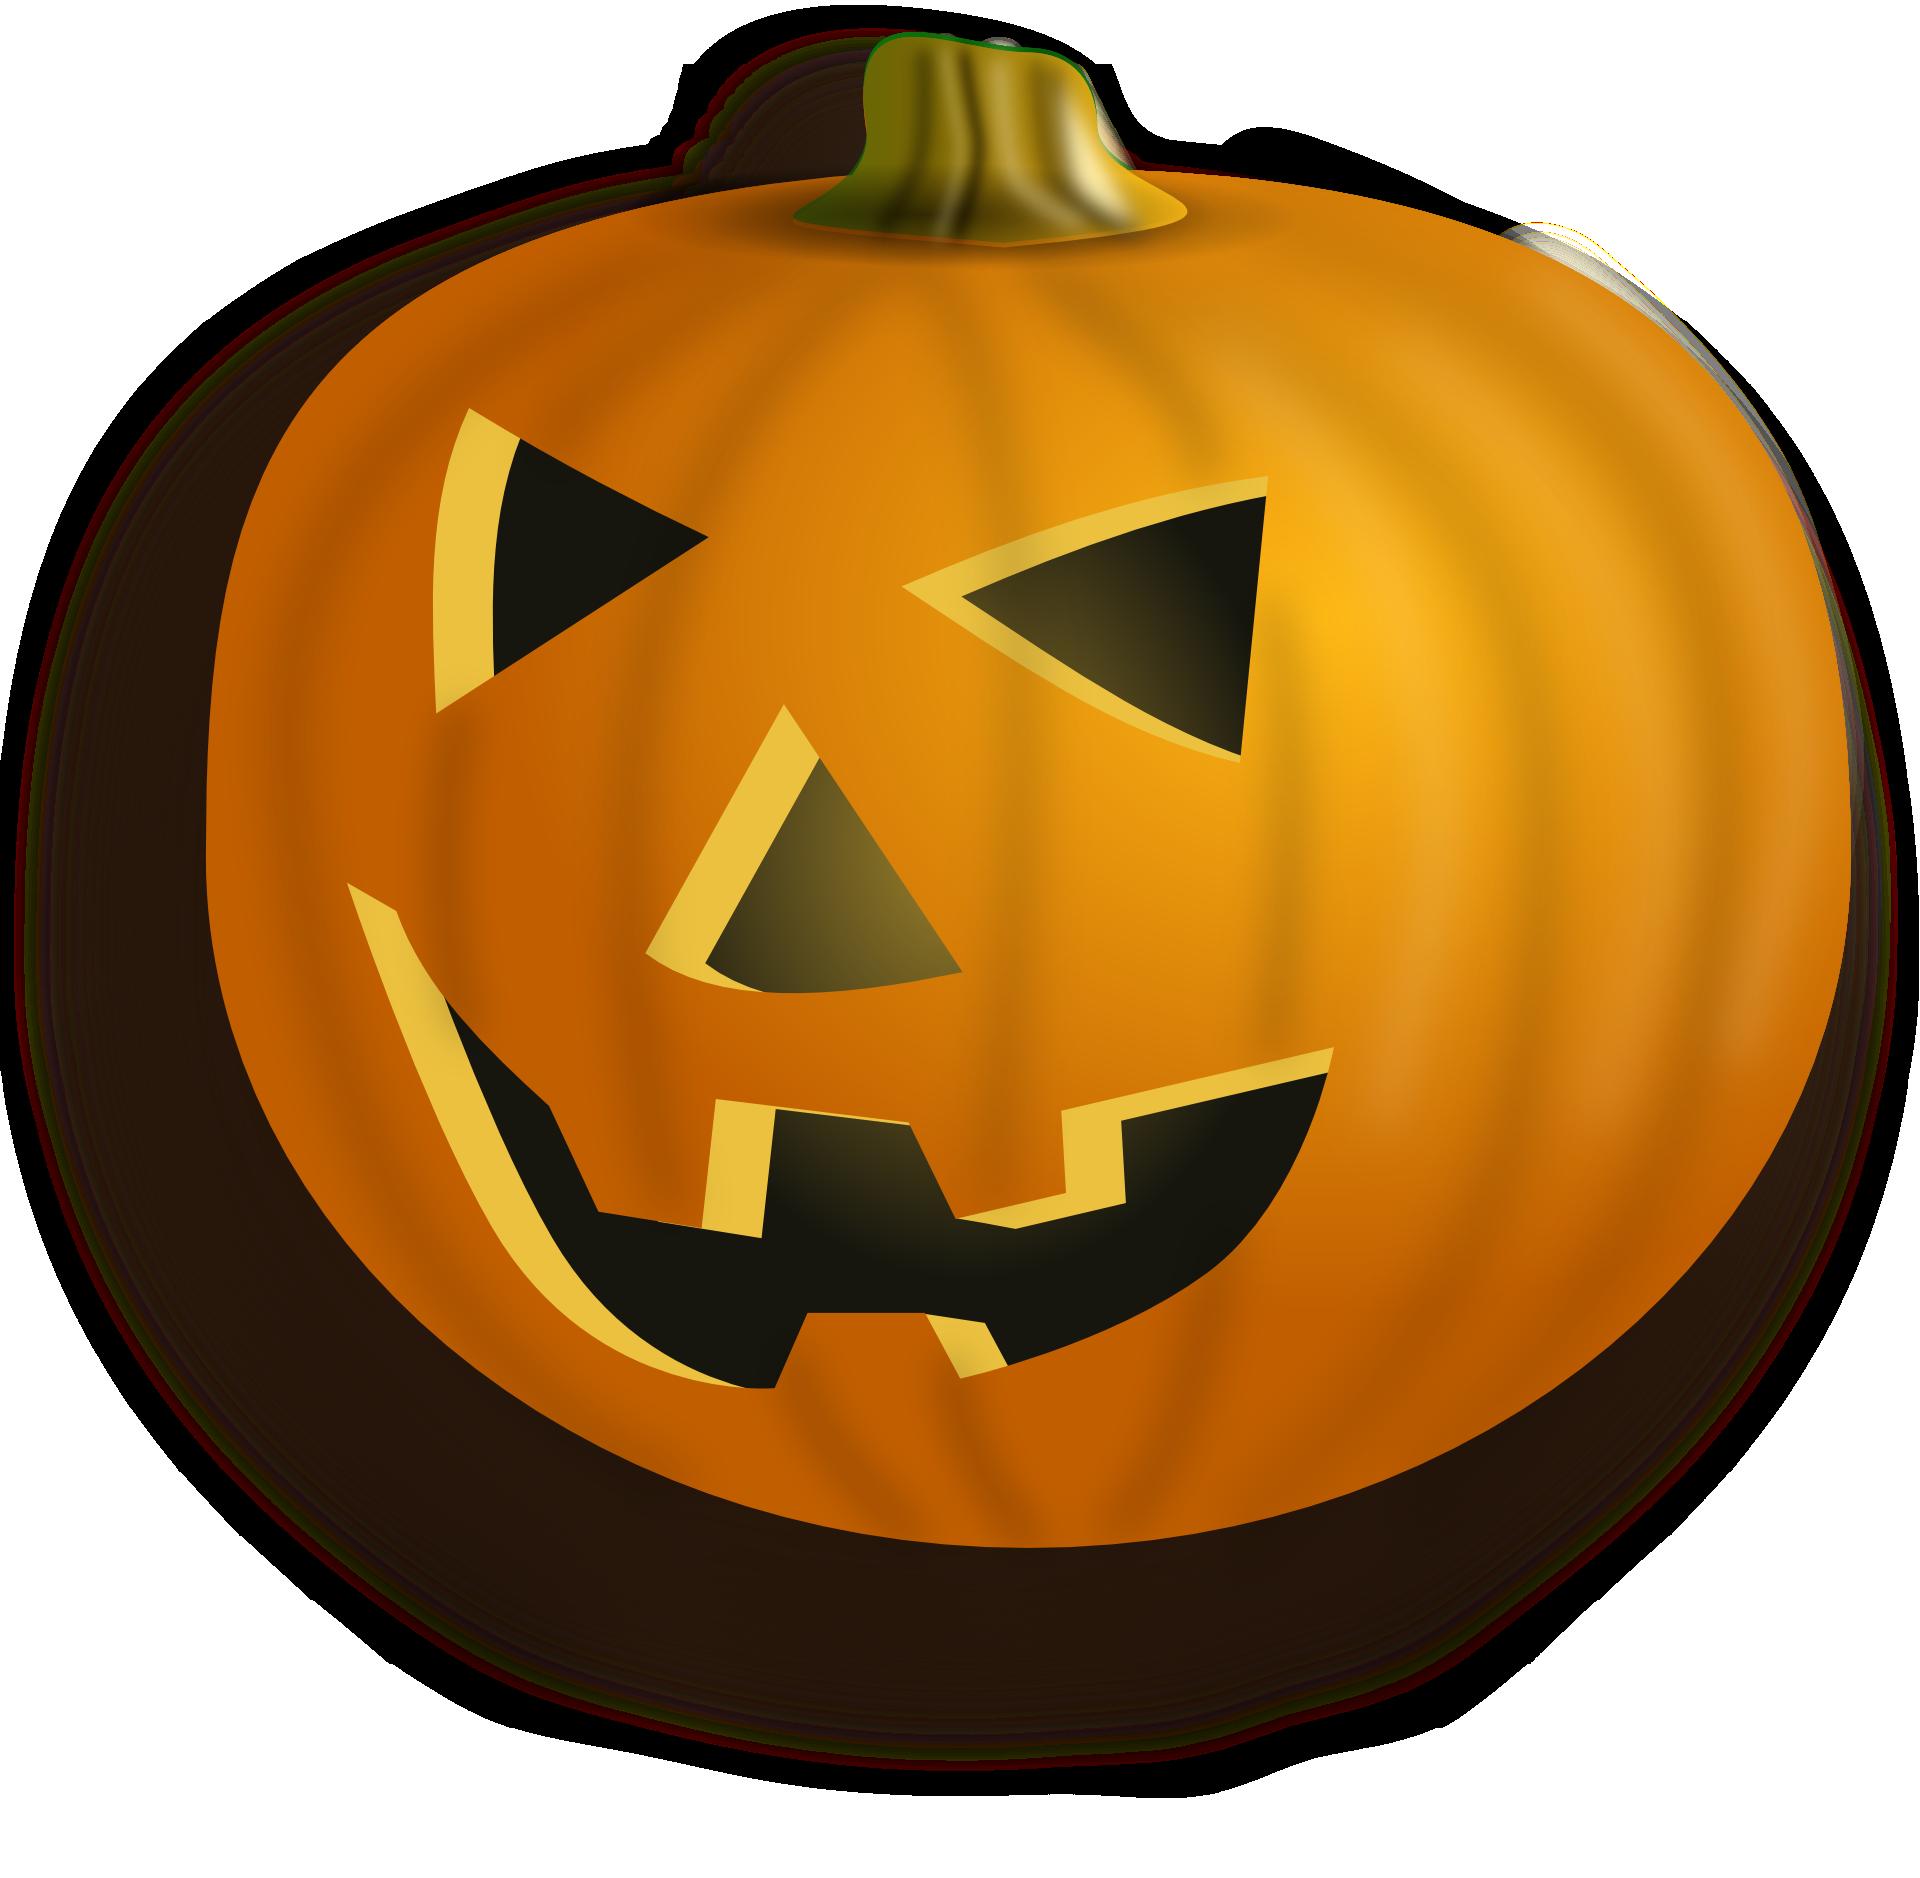 Pumpkin x clip art. Clipart halloween safety